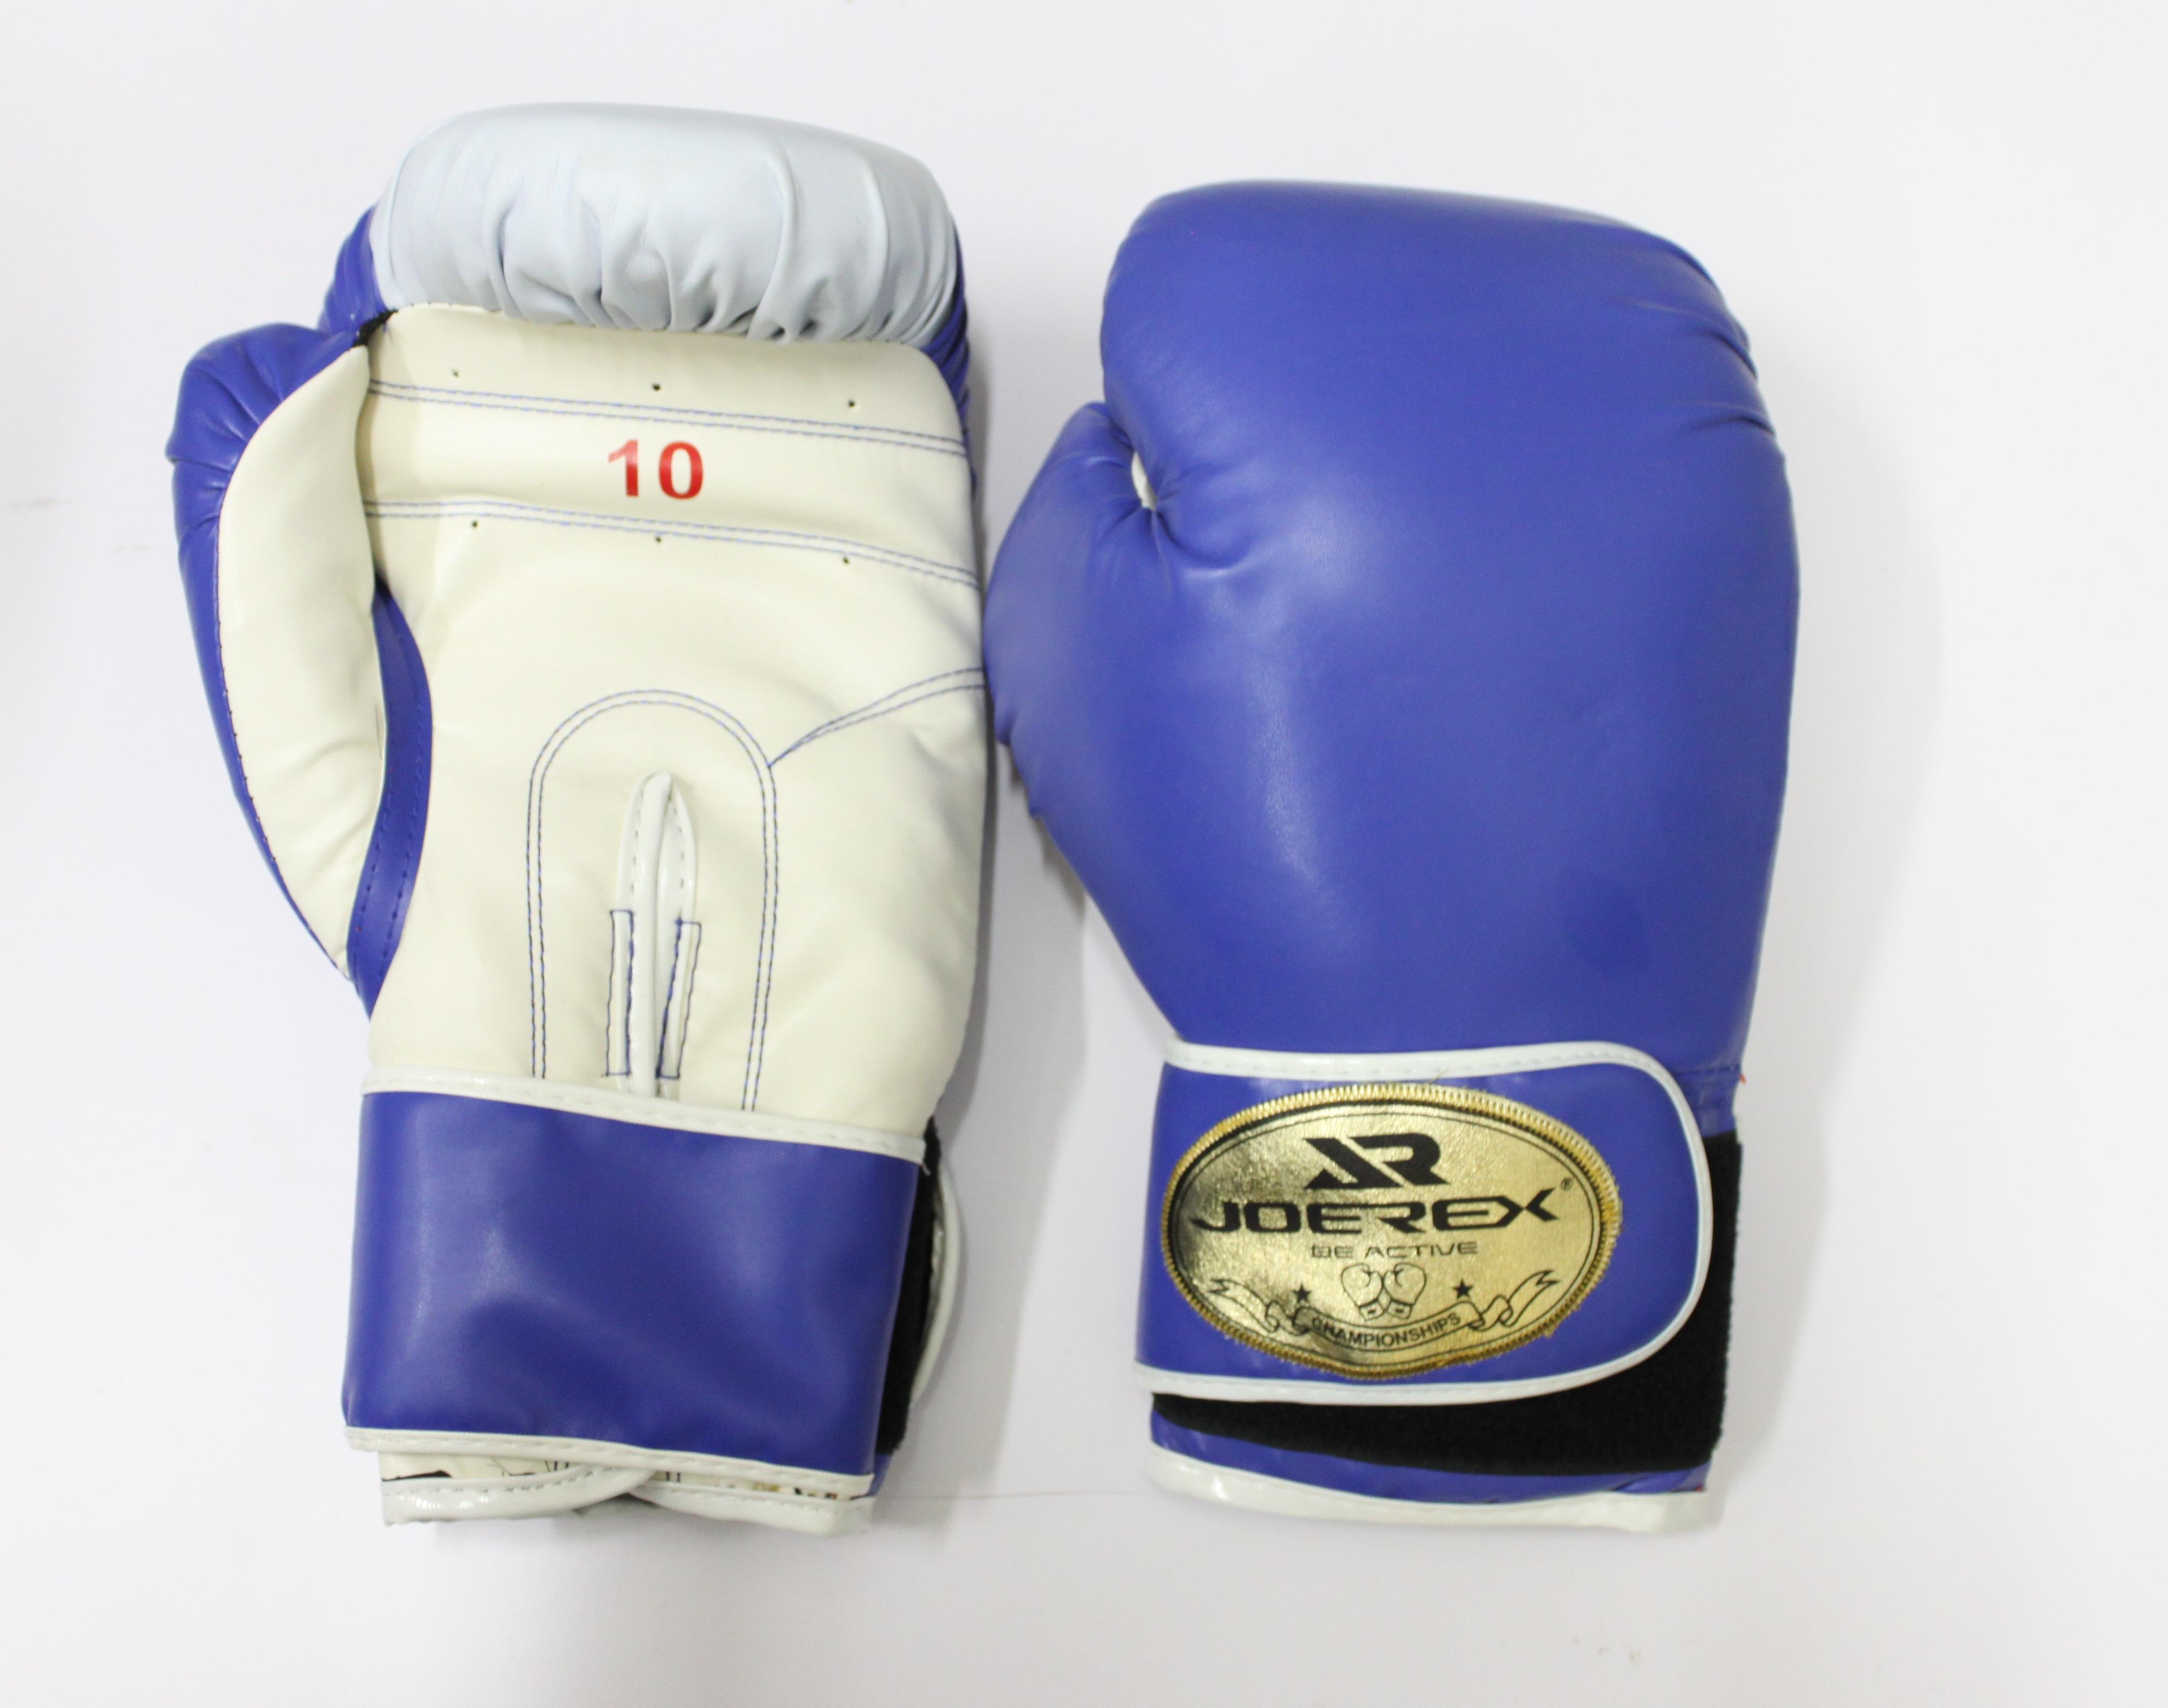 joerex Перчатки боксерские JOEREX PU, 10 OZ , синие, JBX110